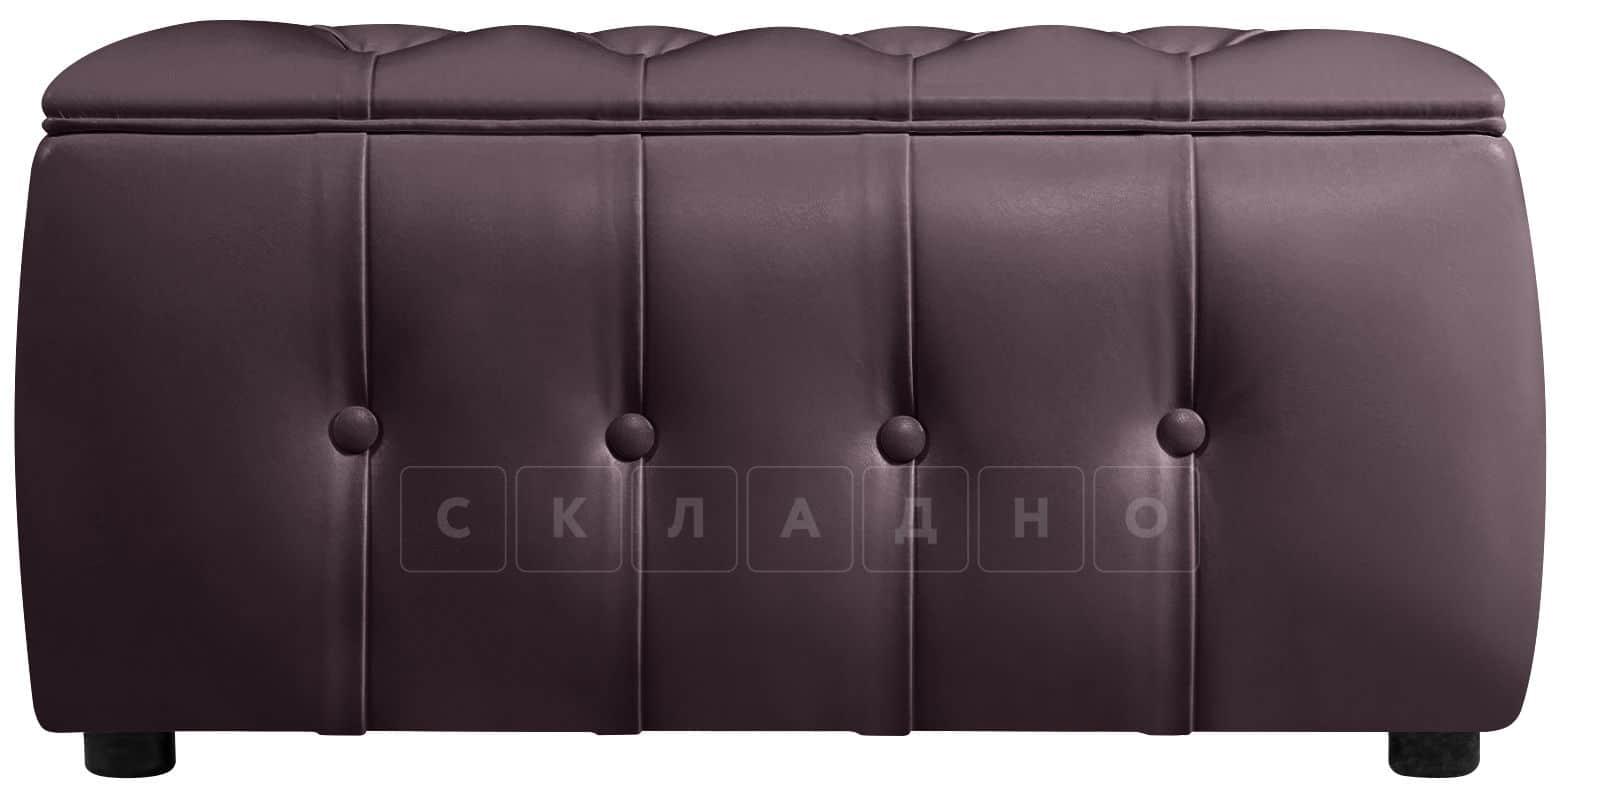 Пуф Малибу двухместный шоколадного цвета фото 2 | интернет-магазин Складно